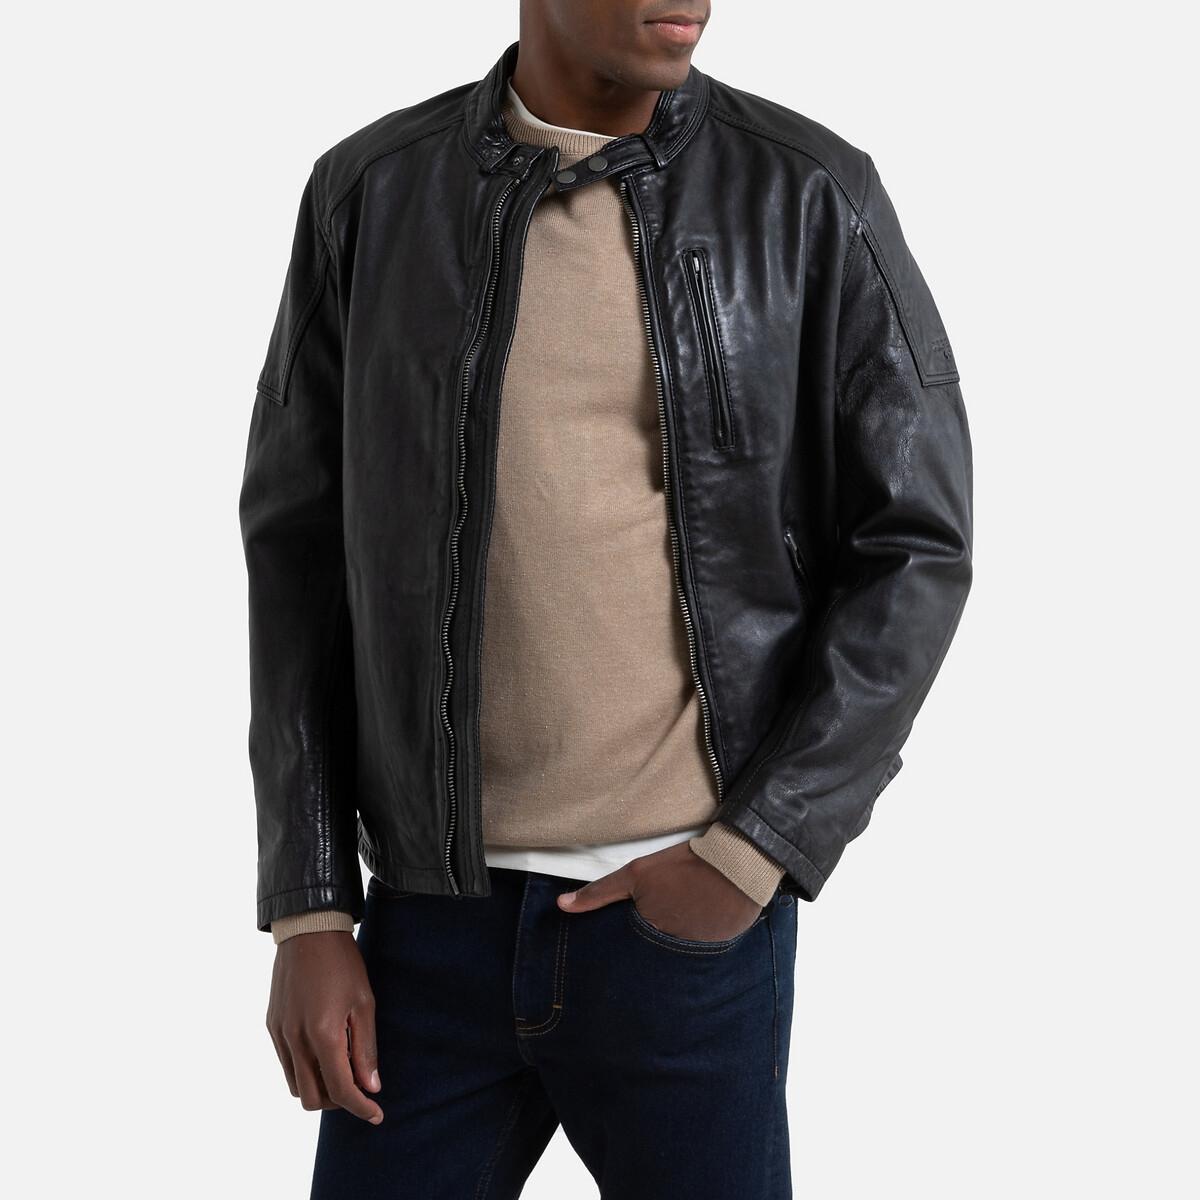 Куртка La Redoute Кожаная в байкерском стиле Donovan L черный сапоги la redoute в байкерском стиле на широкую стопу 38 черный